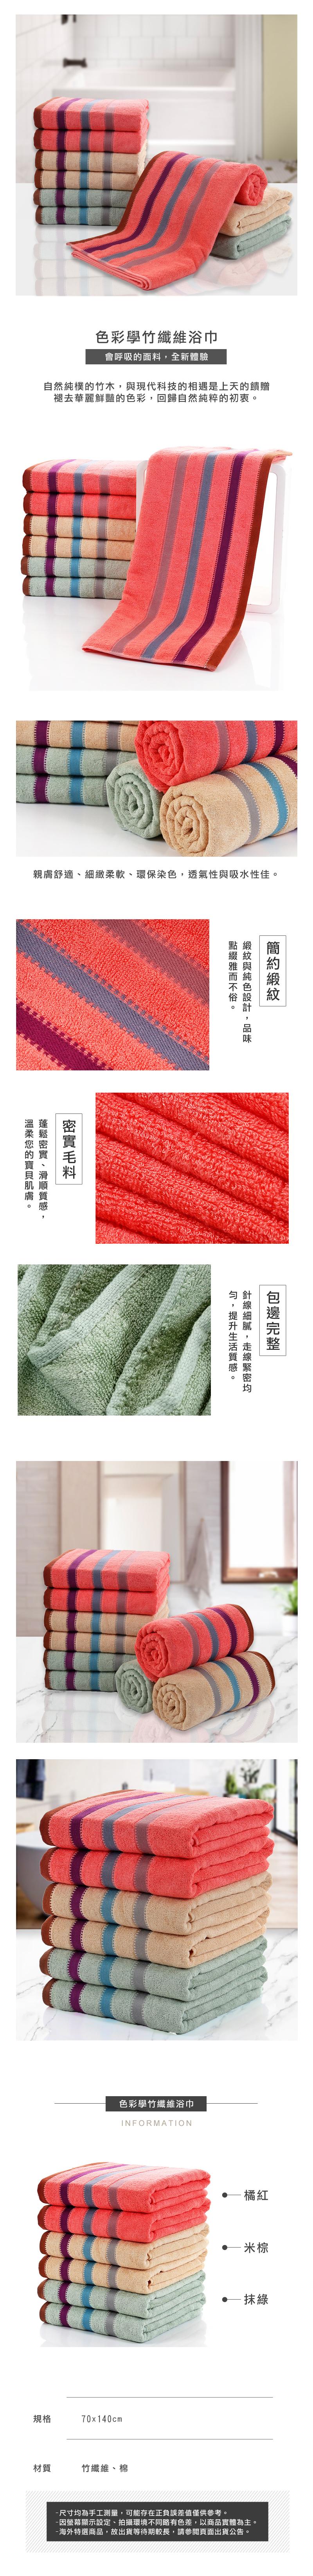 色彩學竹纖維浴巾